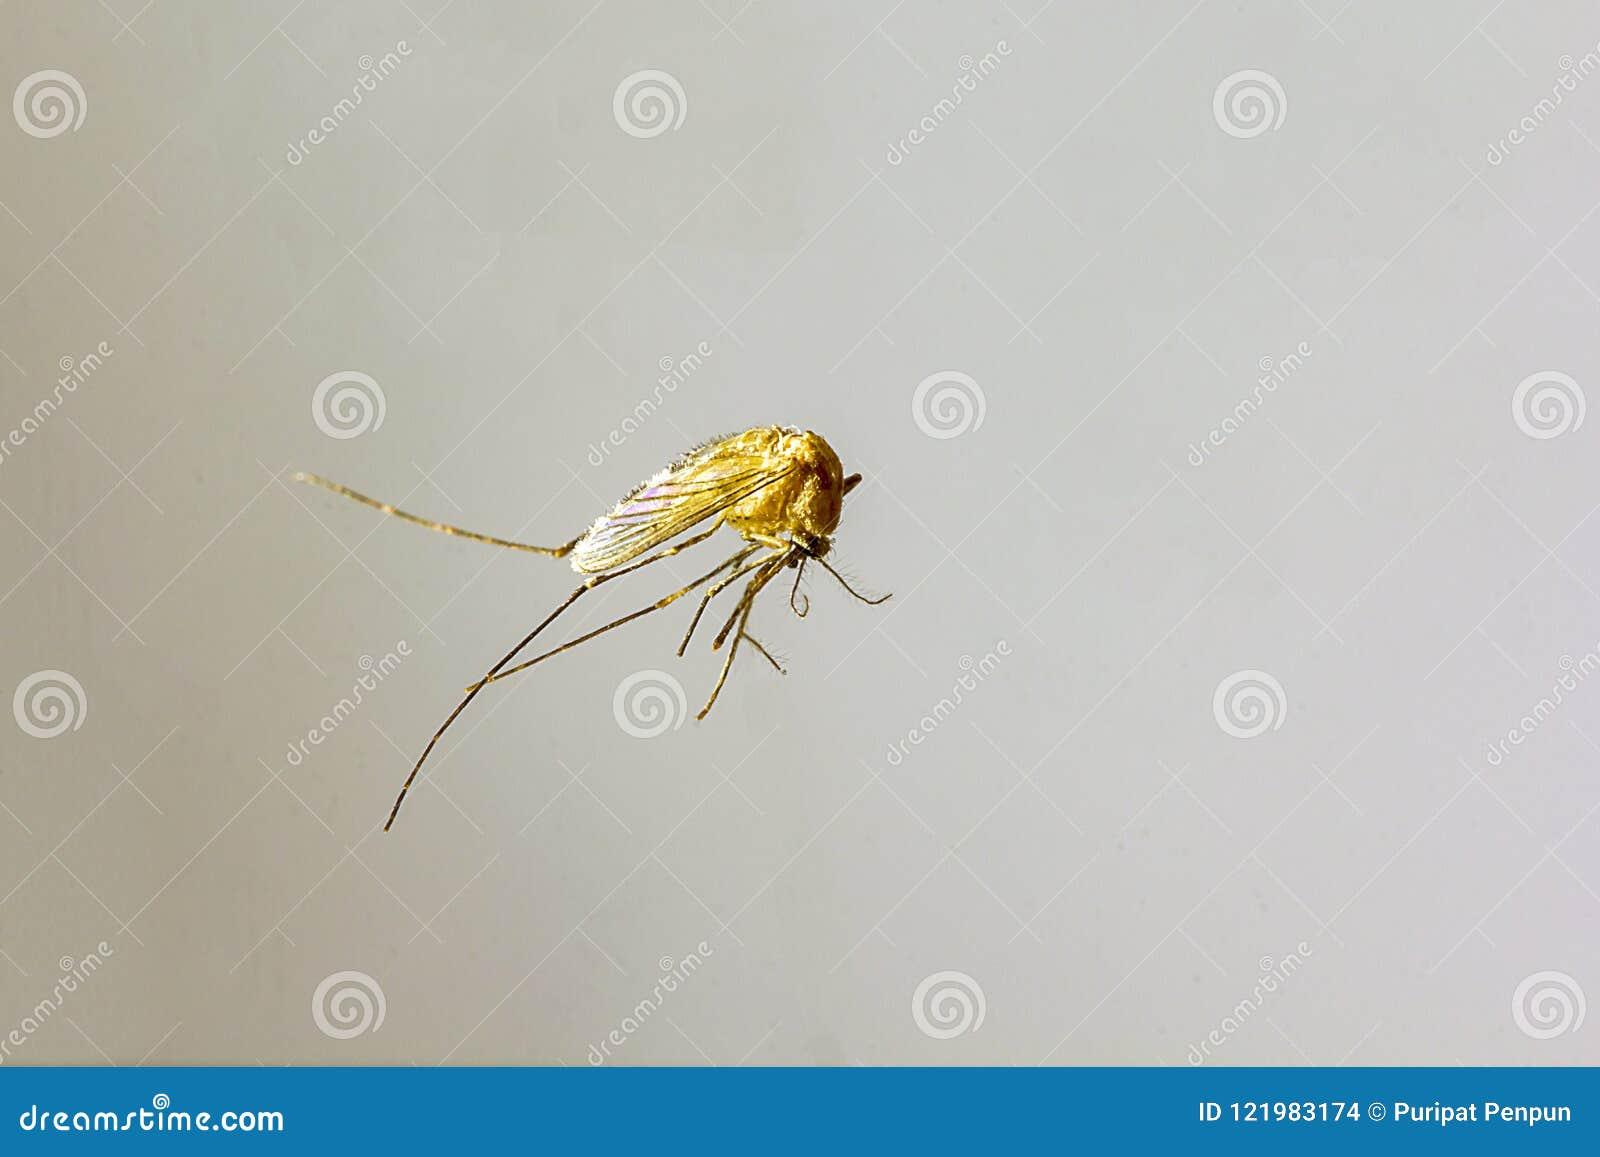 蚊子在大小上是小的